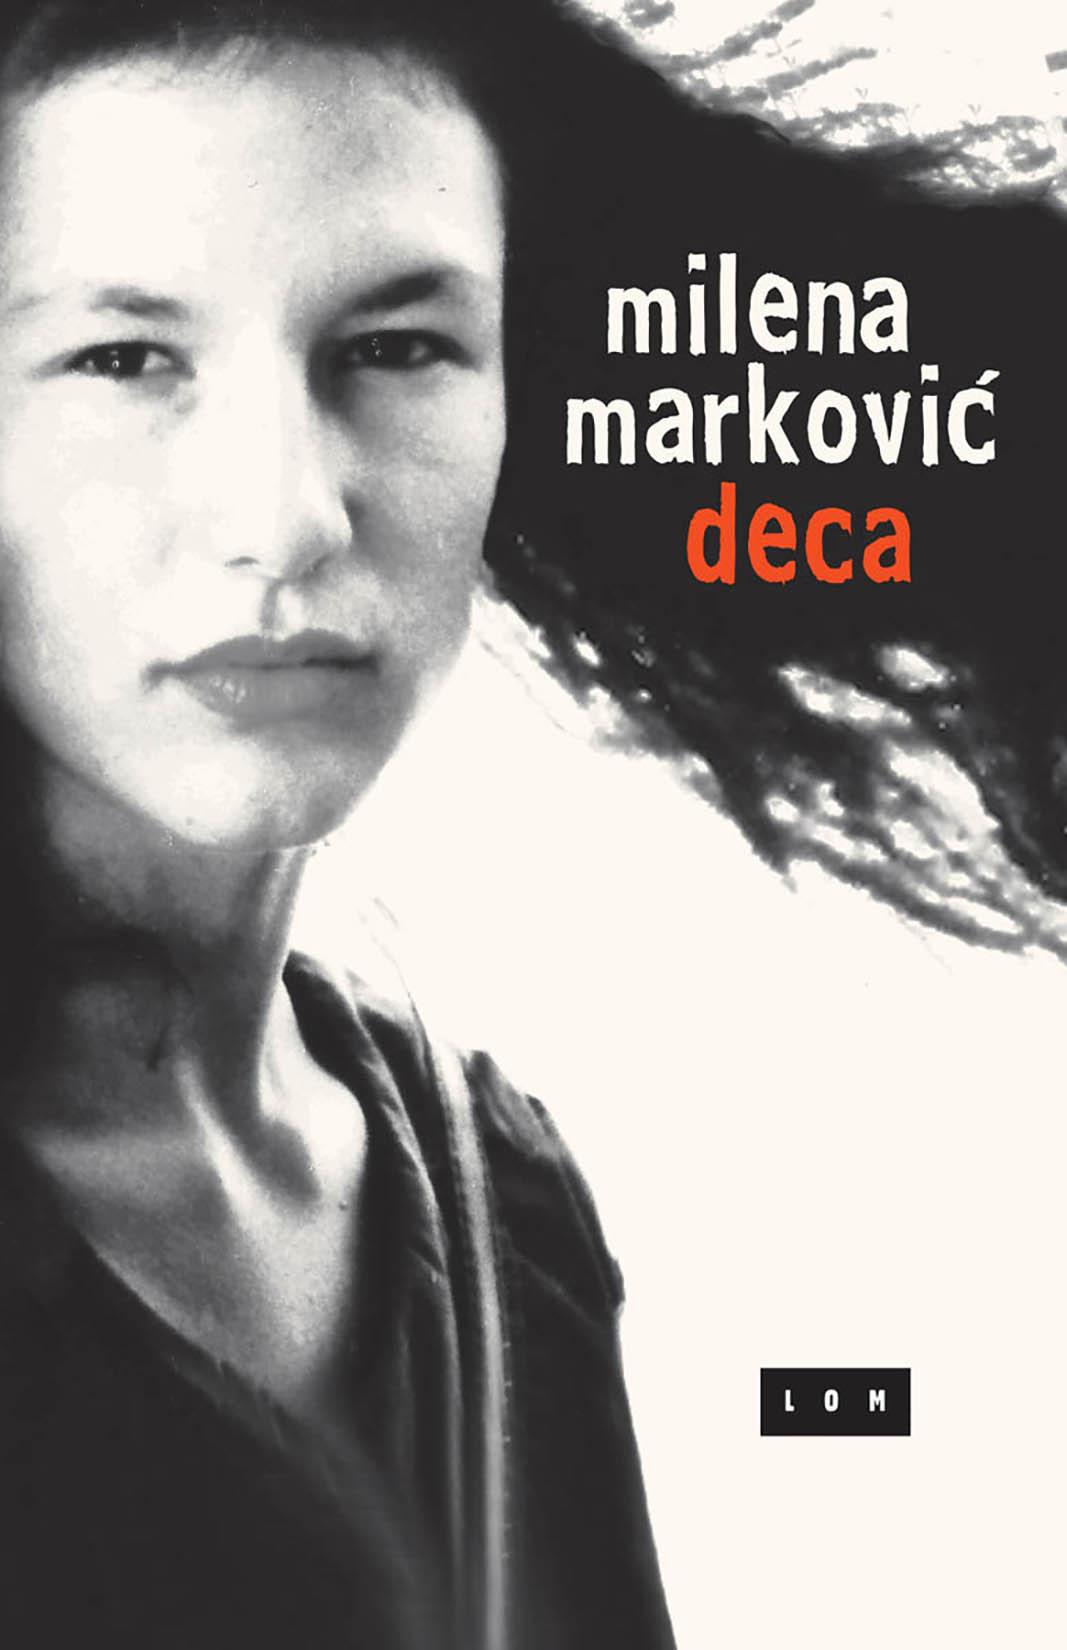 Milena Marković